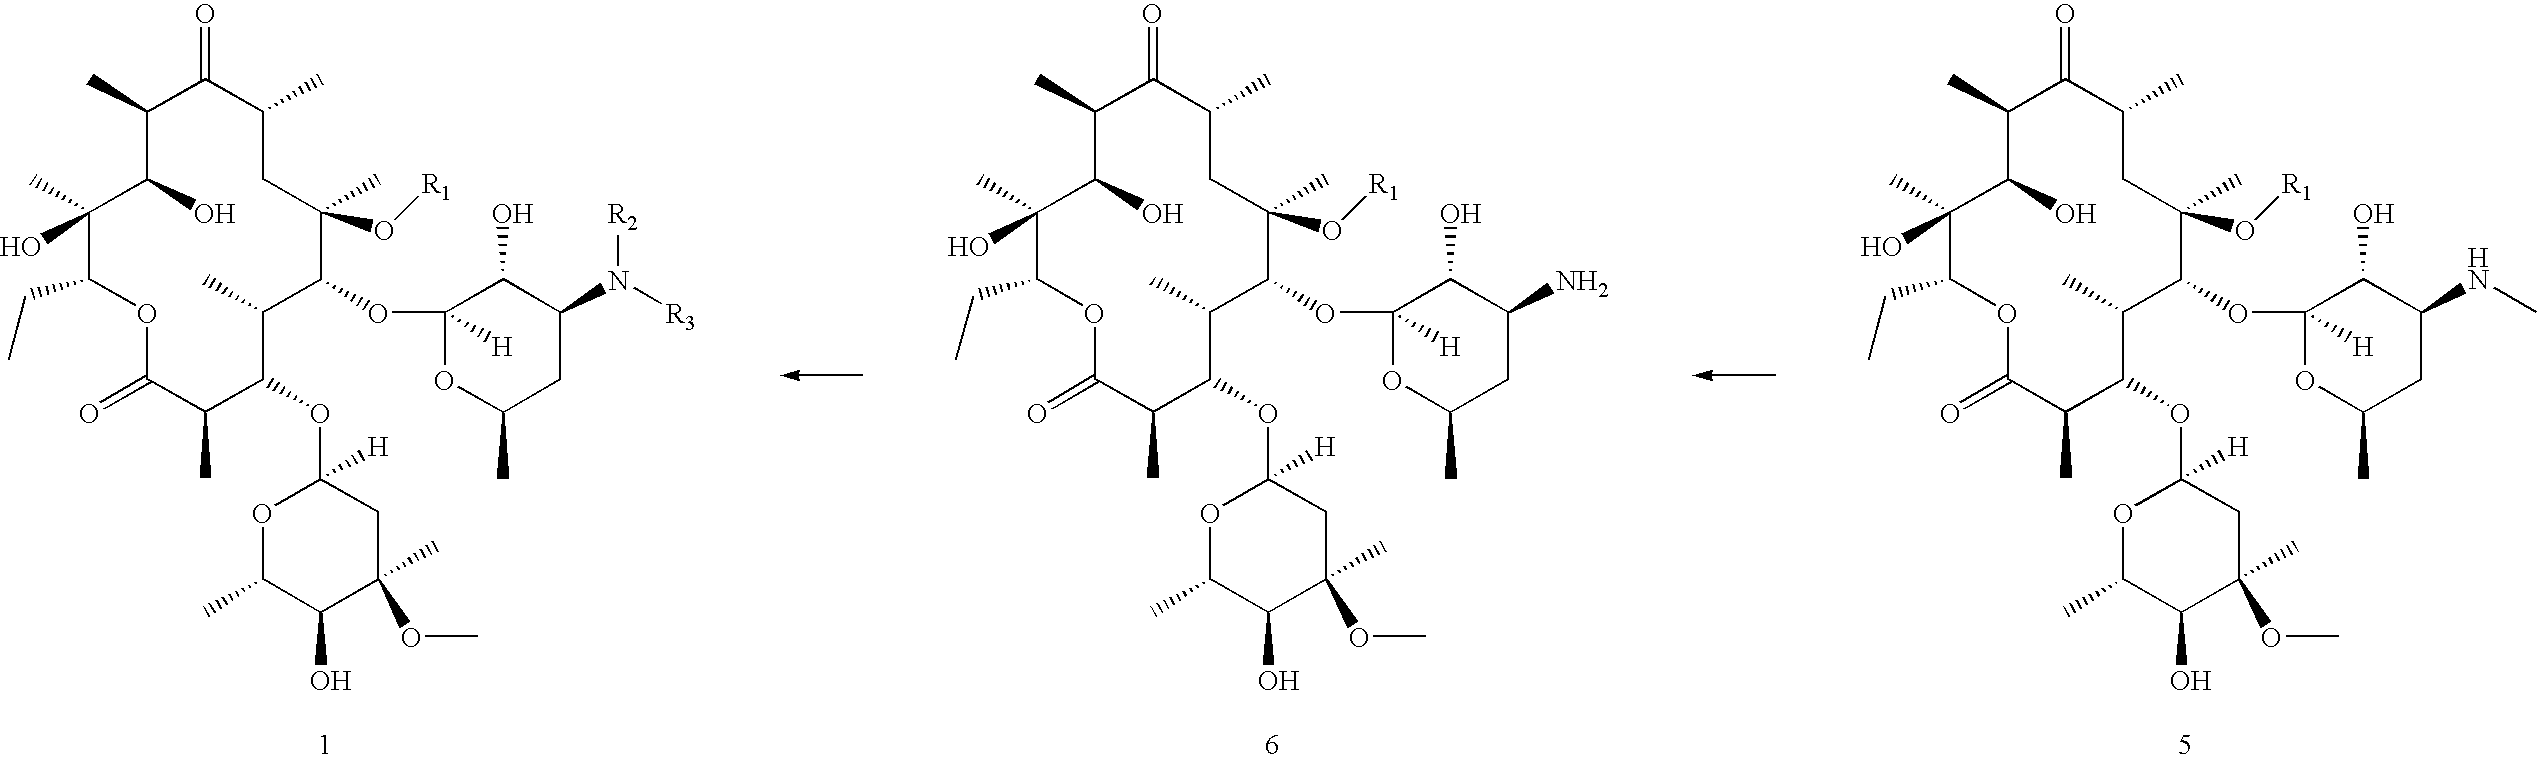 Figure US20070281894A1-20071206-C00022